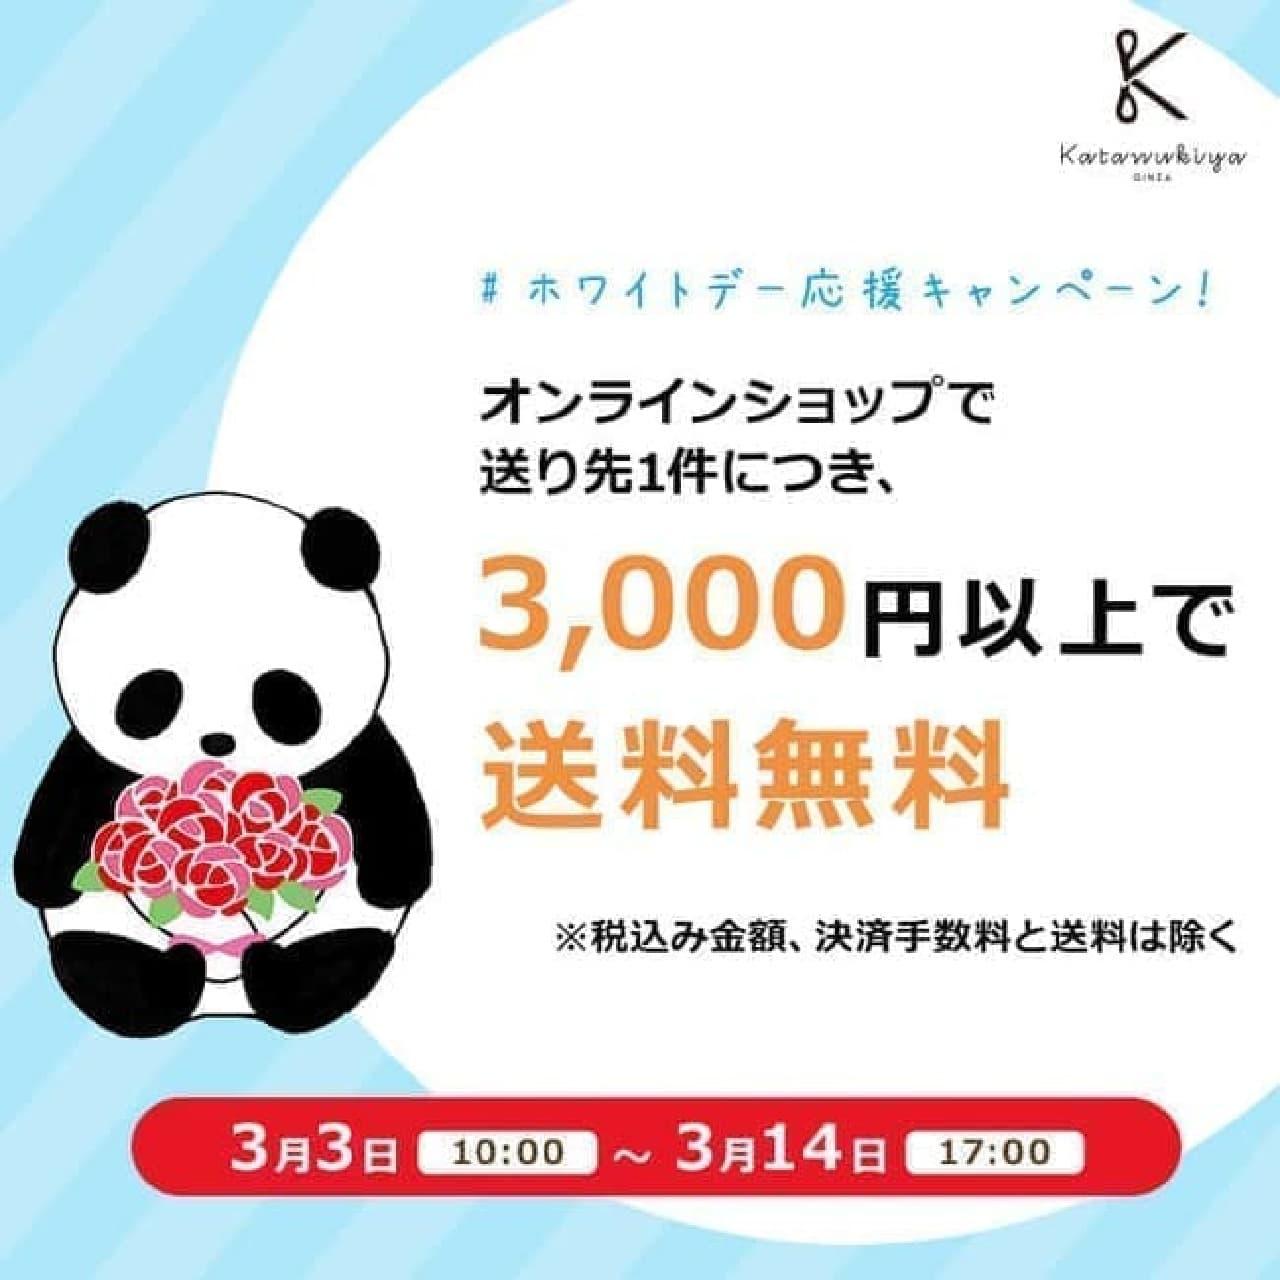 カタヌキヤのホワイトデー応援キャンペーン